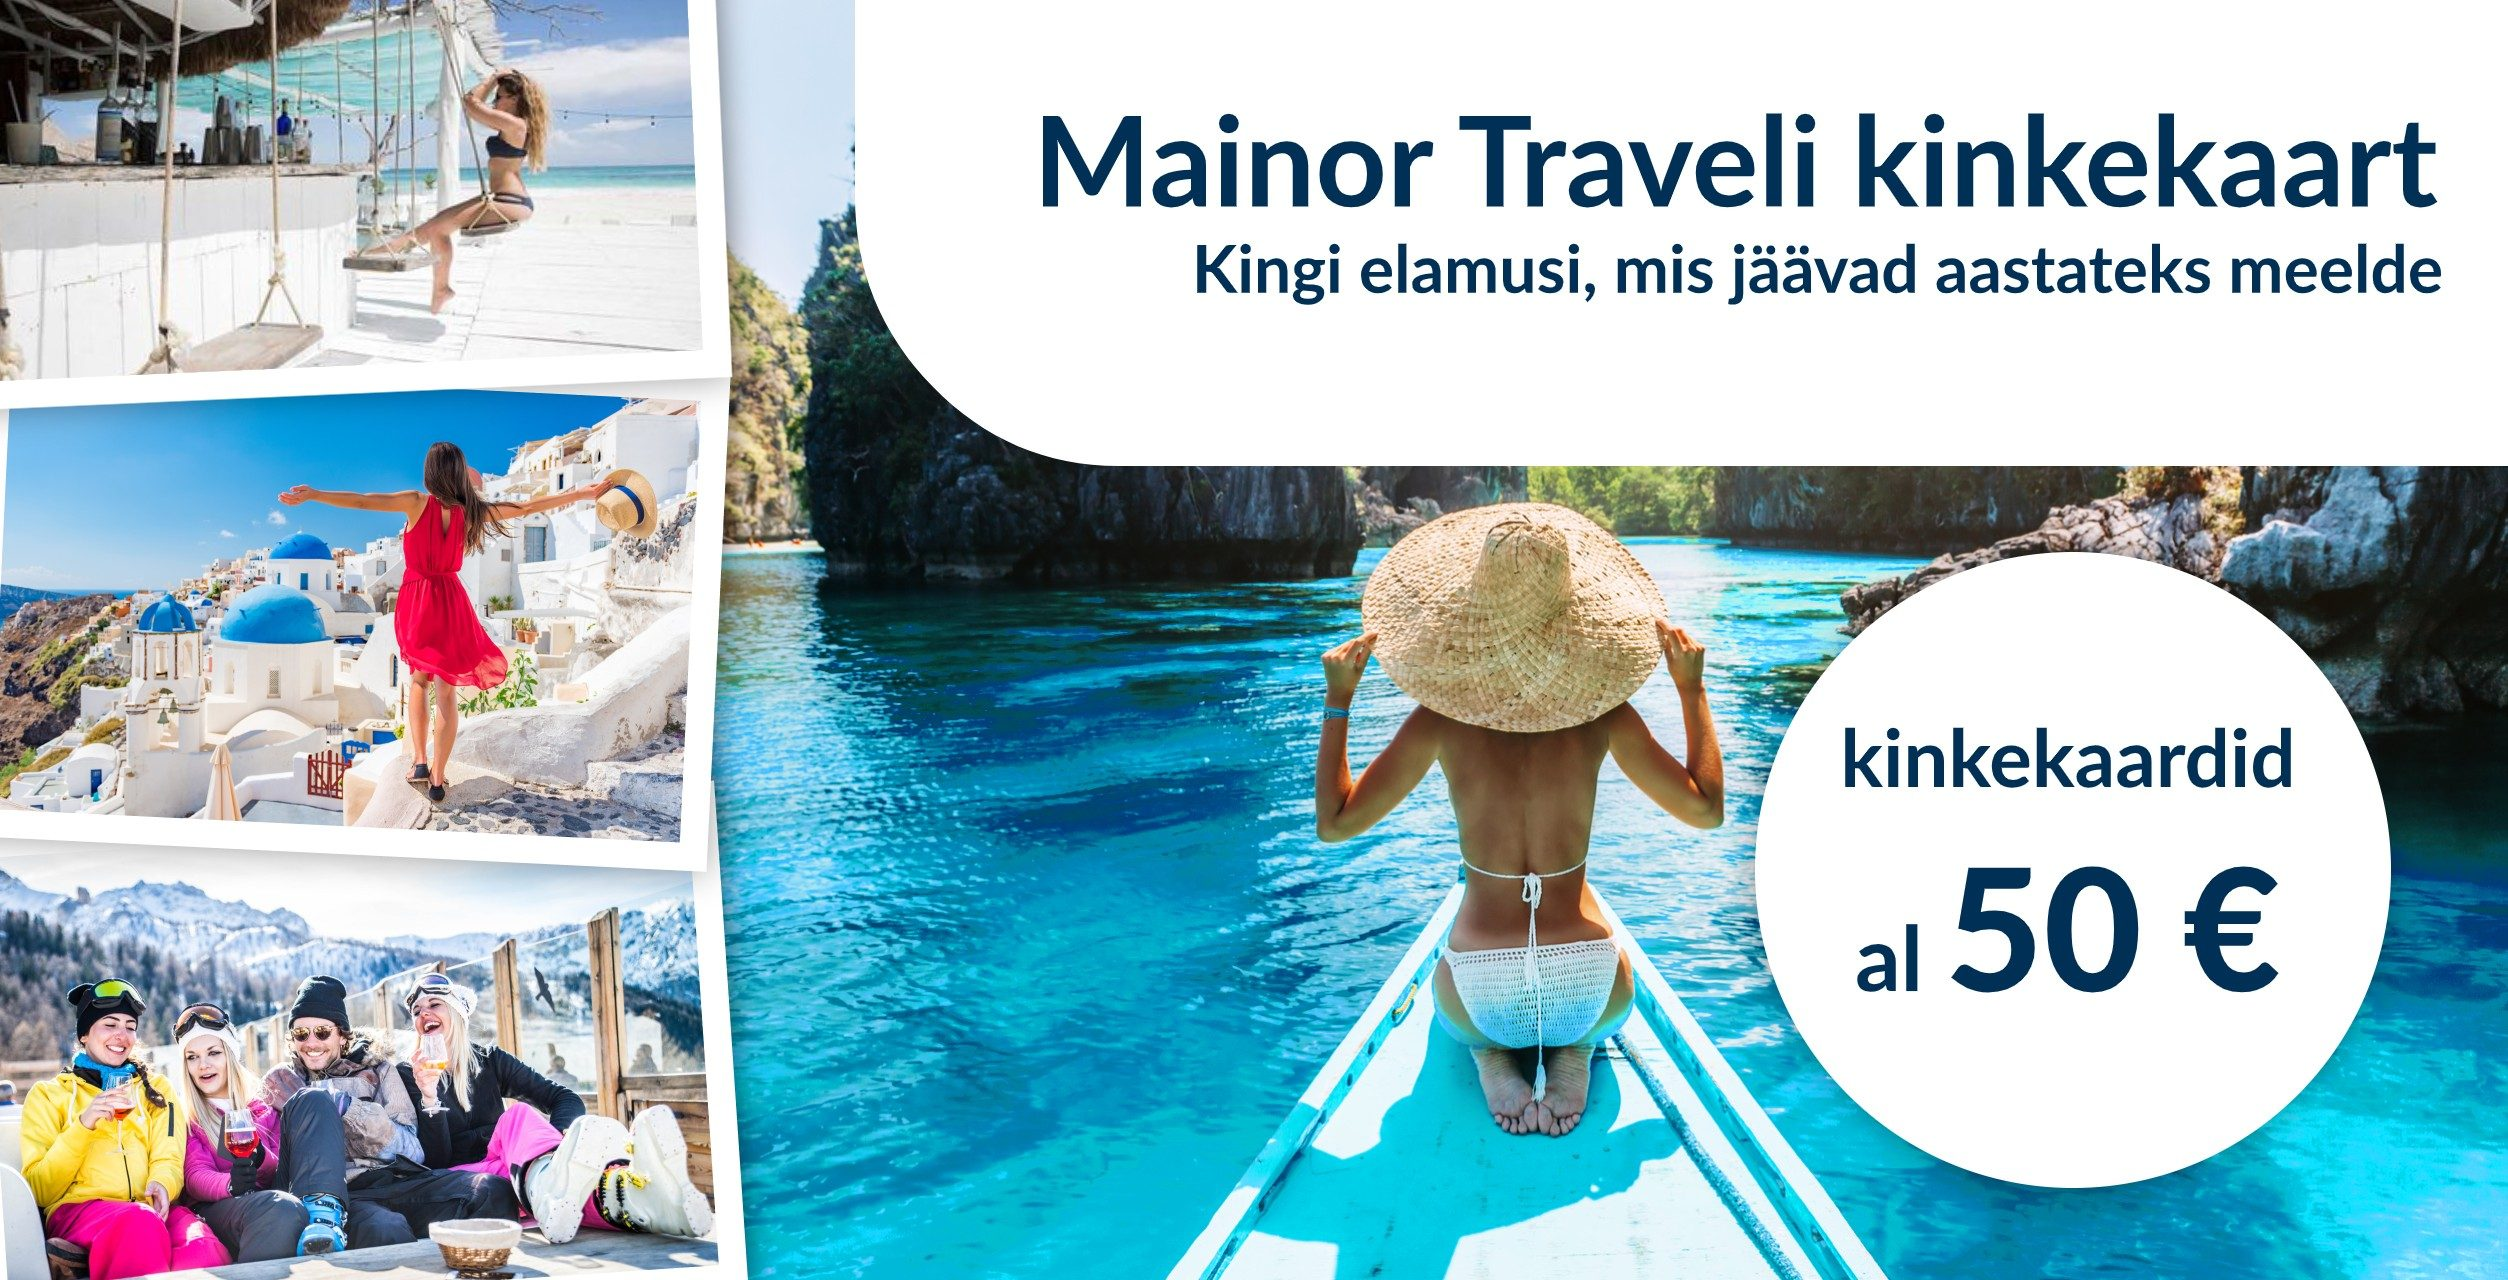 mainor travel reisibüroo kinkekaart